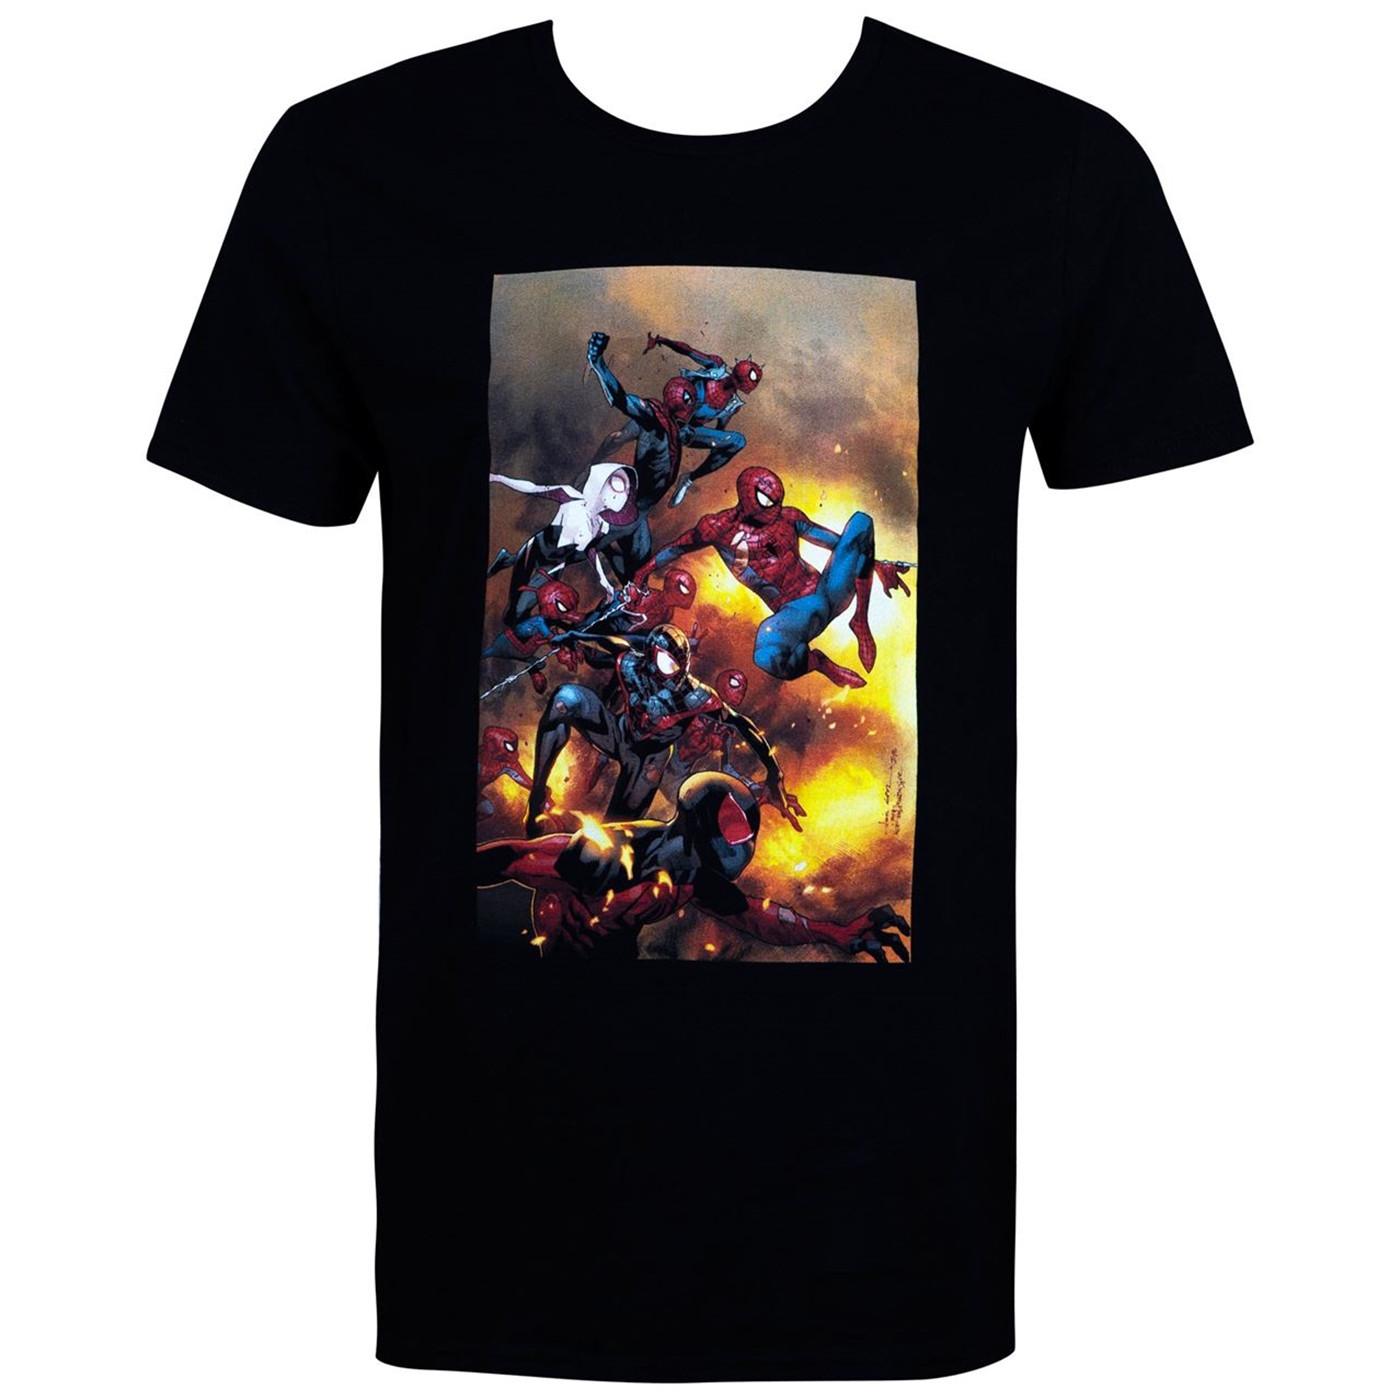 Spider-Man Spider-Verse Black Men's T-Shirt